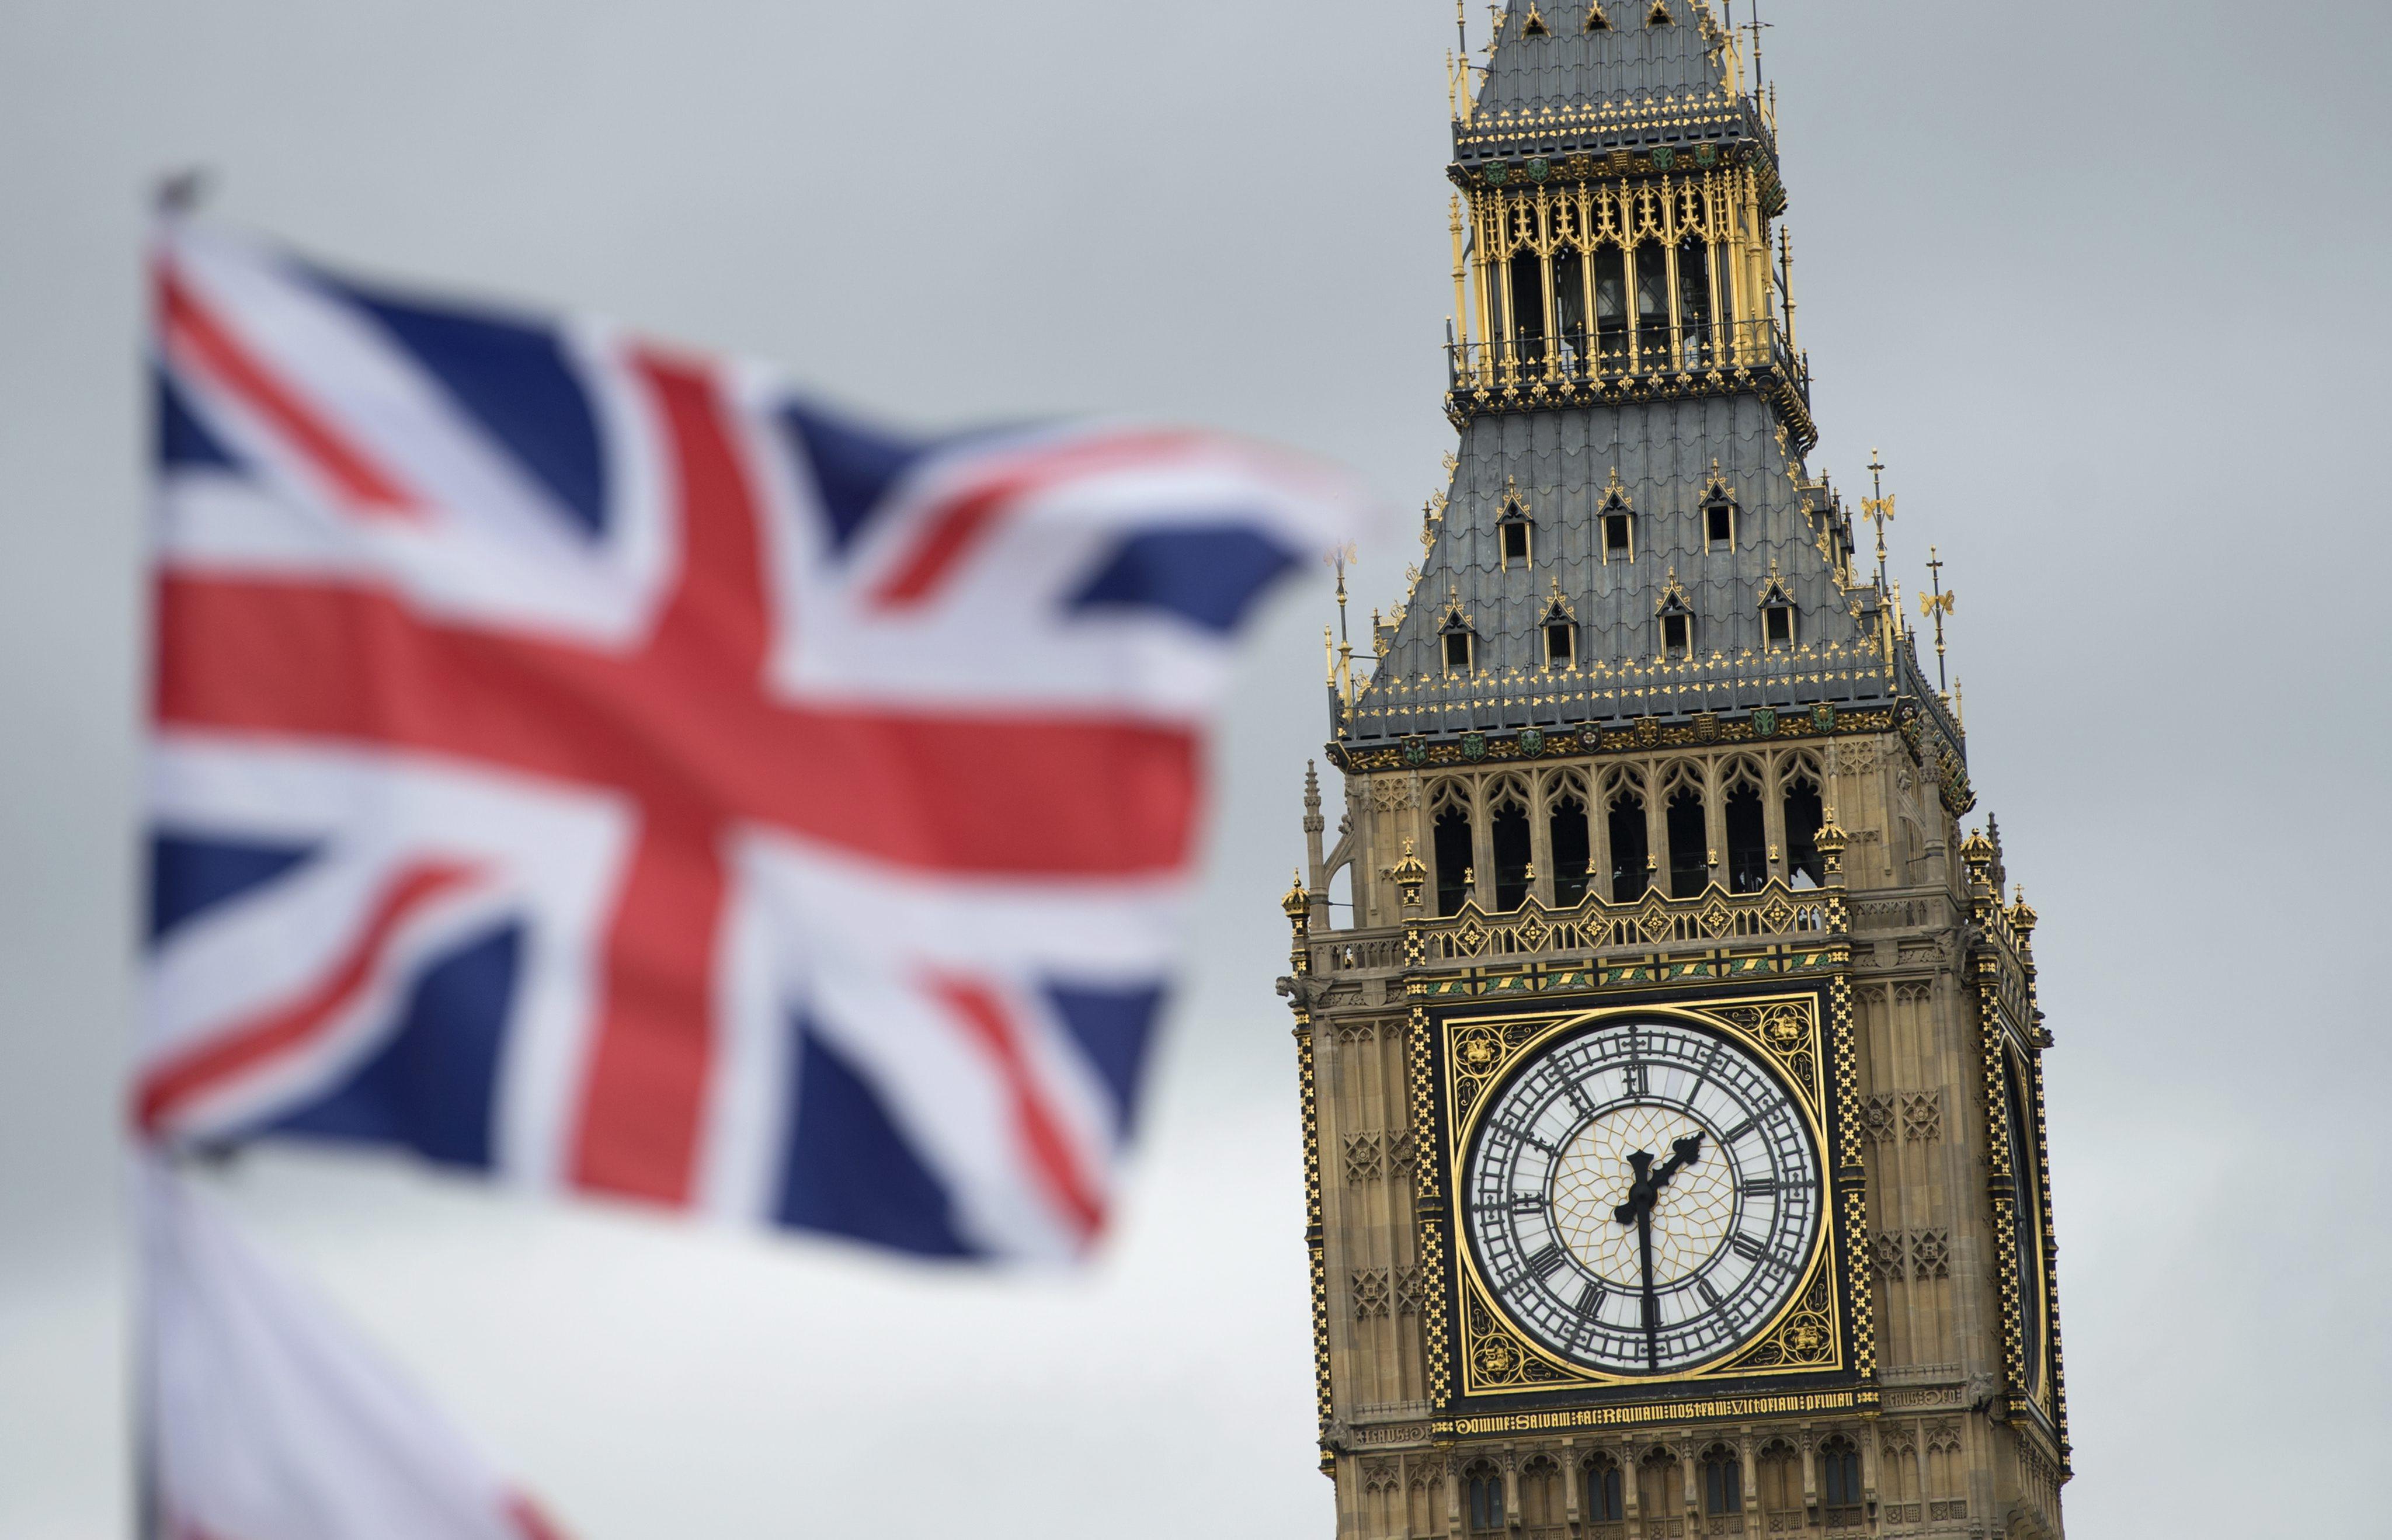 Η νύχτα που η Βρετανία άνοιξε την πόρτα της εξόδου από την ΕΕ | in.gr